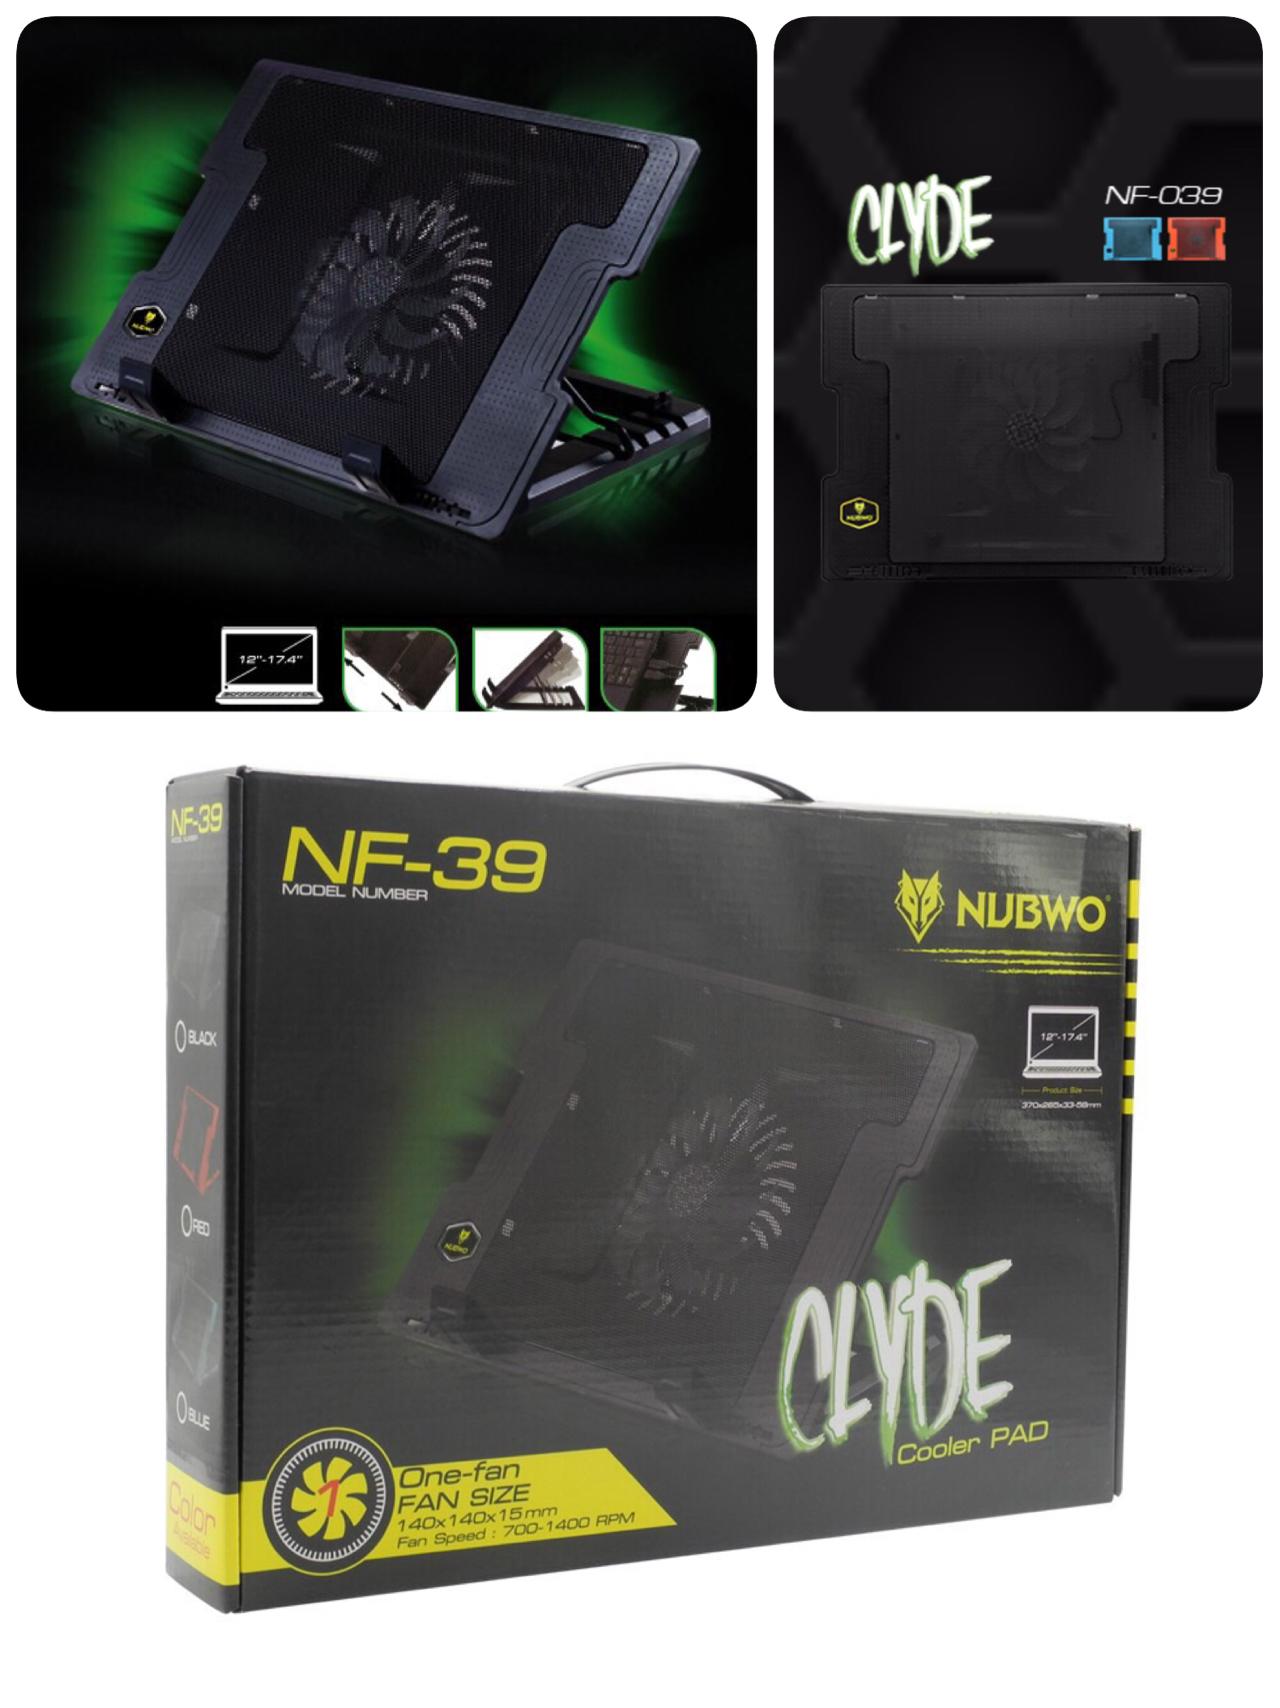 พัดลมโน๊ตบุ๊ค notebook nubwo NF-39